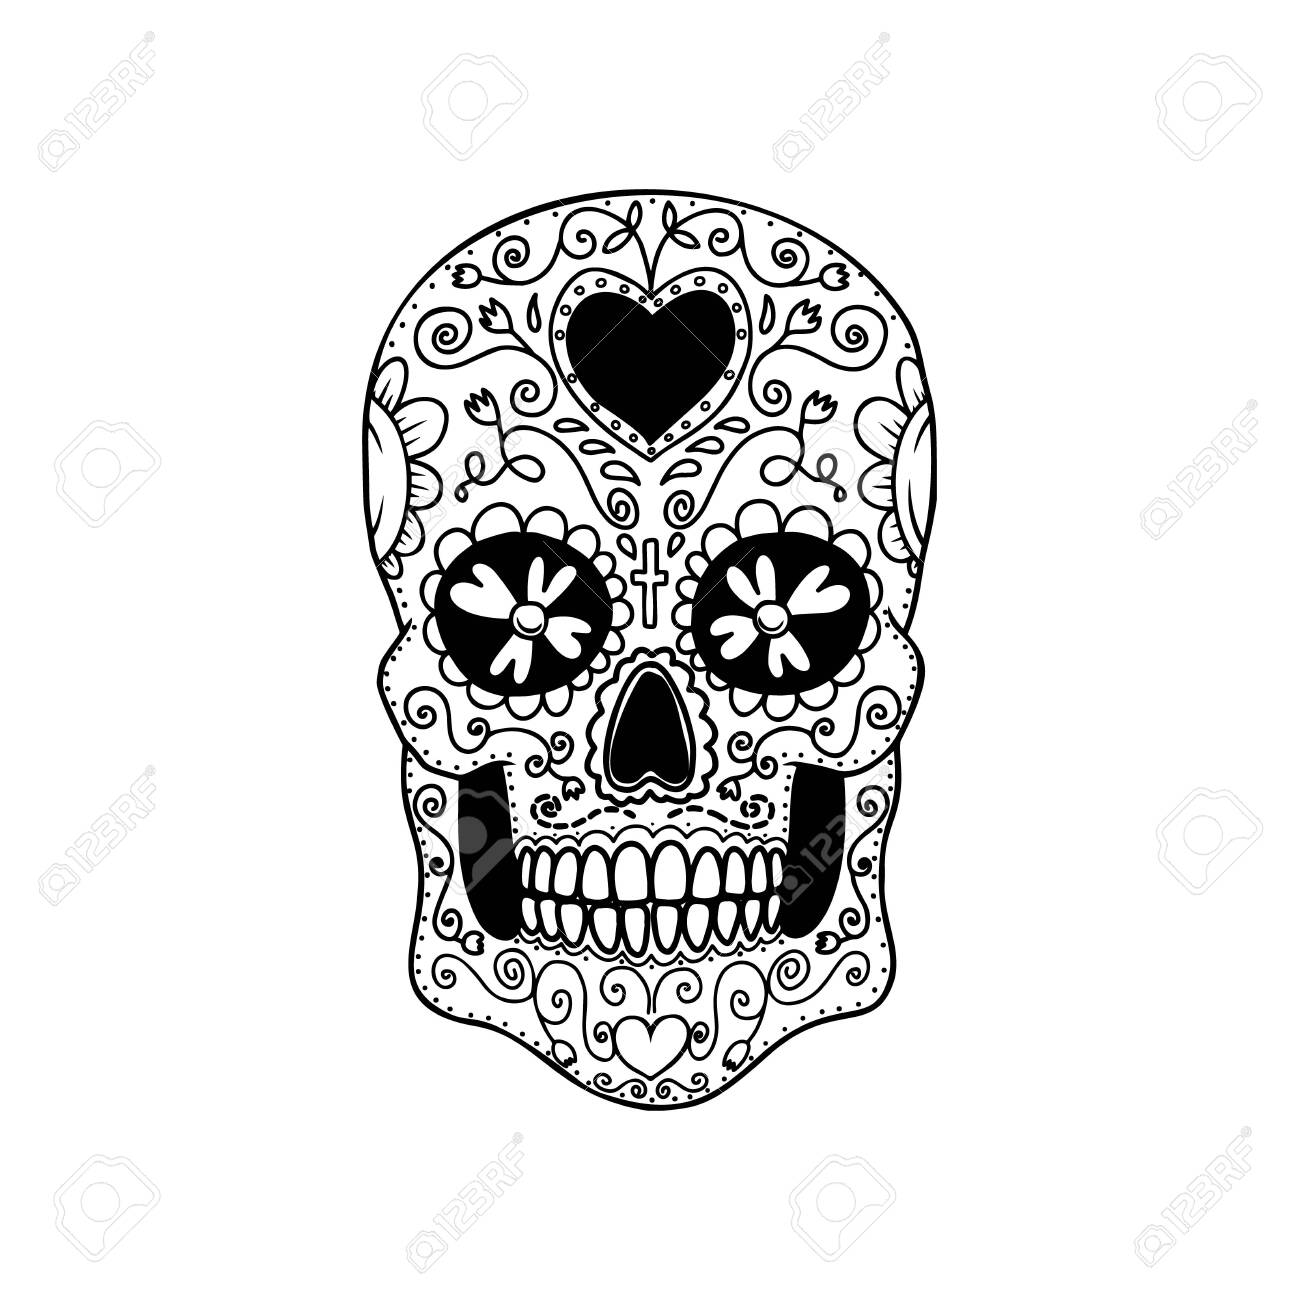 Illustration of mexican sugar skull. Design element for logo, emblem, sign, poster, card, banner. Vector illustration - 157295288